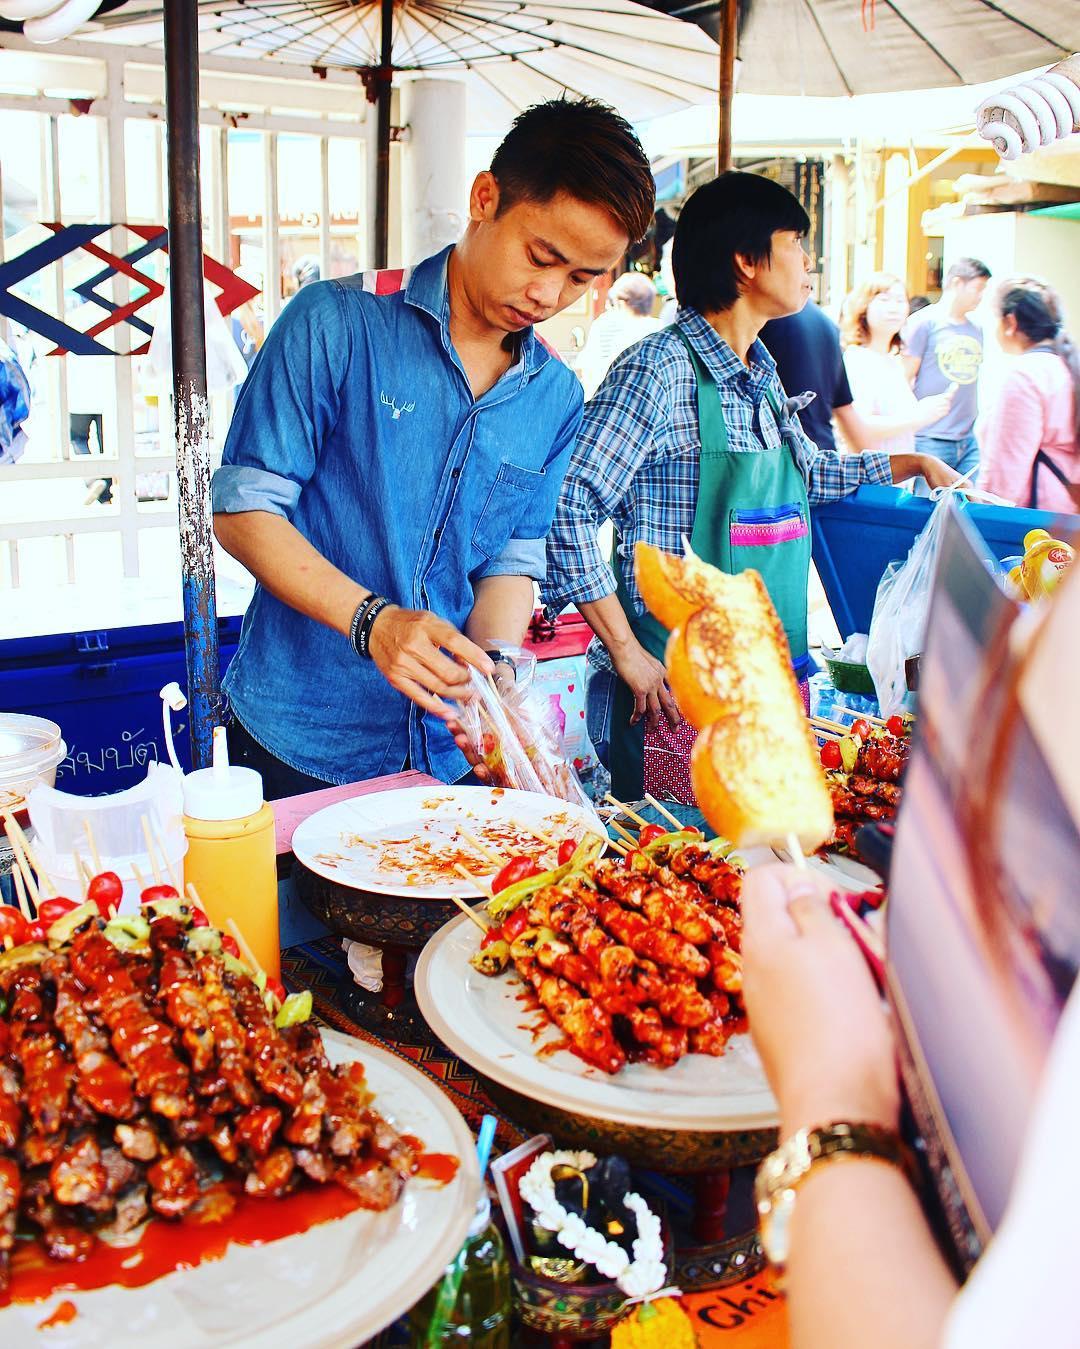 Pain à l'ail et brochettes ?? Le marché de Chatuchak : le plus Grand marché de Bangkok ! Idéal pour vos souvenirs ??? ______ ? #pintadethailande ➕CityTrip | THAÏLANDE?? ? Articles sur le blog (lien dans ma bio) ______ #thailande #thailand #bangkok #kohphiphi #krabi #kohlanta #kohsamui #kohphangan #kohtao #cityguide #cityTrip #travel #blogTravel #TravelBlog #voYage #blogVoyage #frenchBlogger #blogueuse #blog #pintademontpellier #temple #streetfood #food #foodlover #blogfood #chatuchak #chatuchakweekendmarket